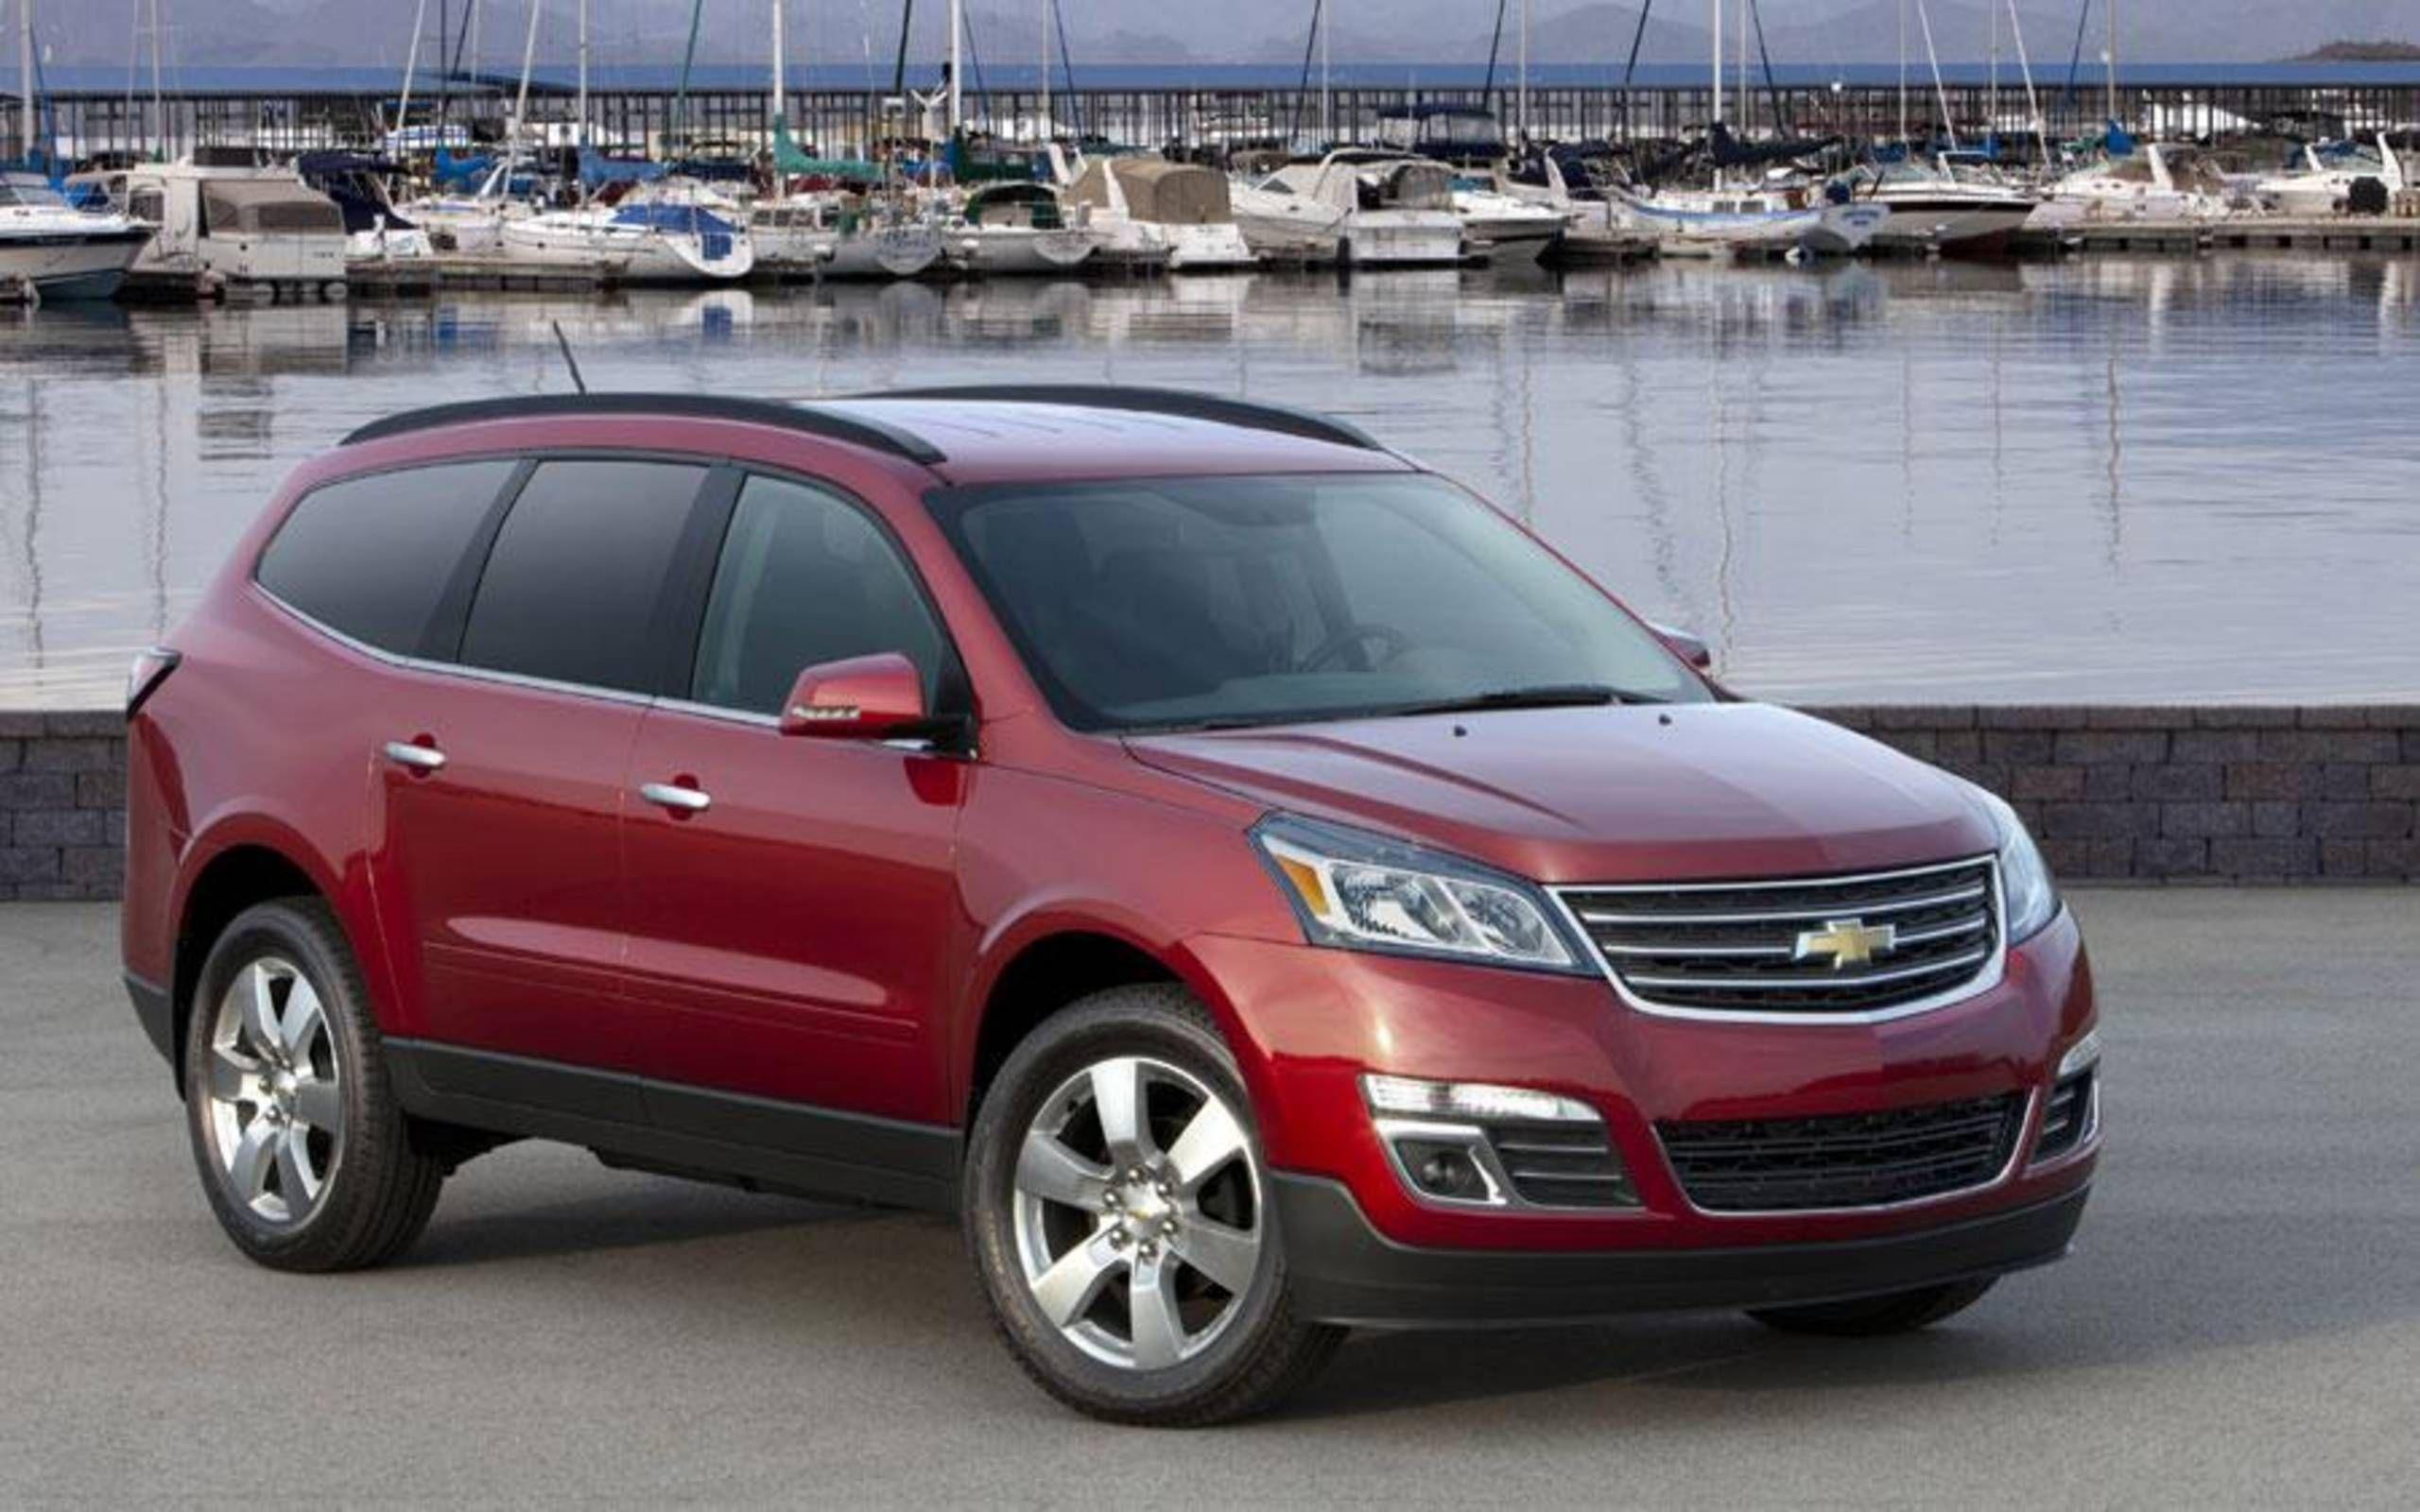 2014 Chevrolet Traverse Ltz Review Notes